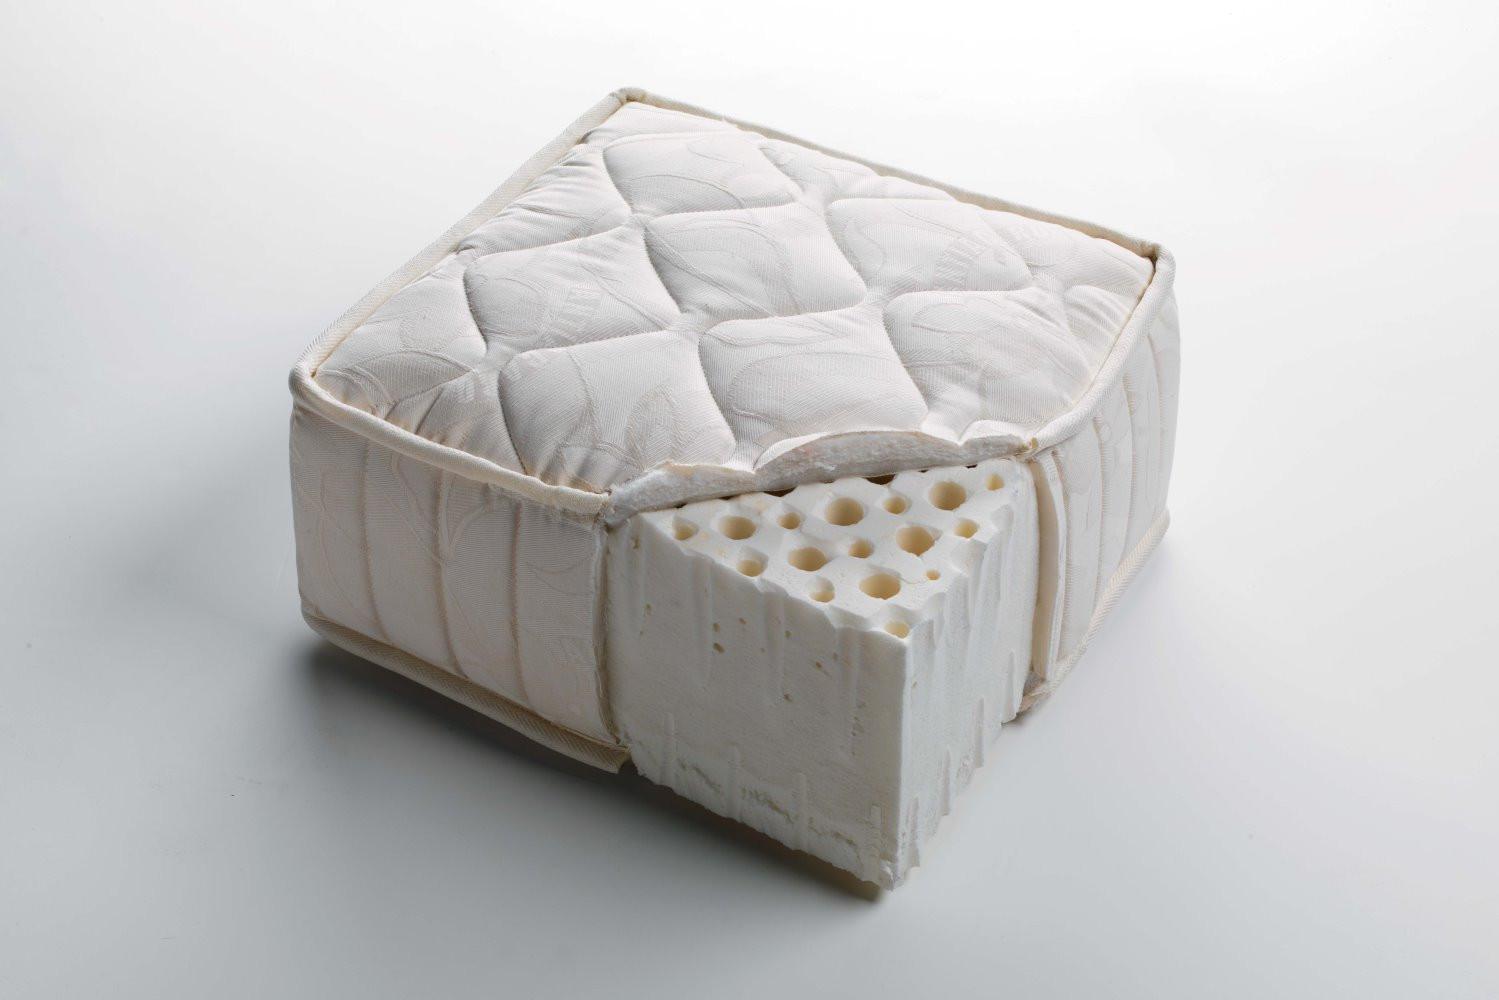 Materasso in lattice a zone differenziate latex - Materasso lattice letto contenitore ...